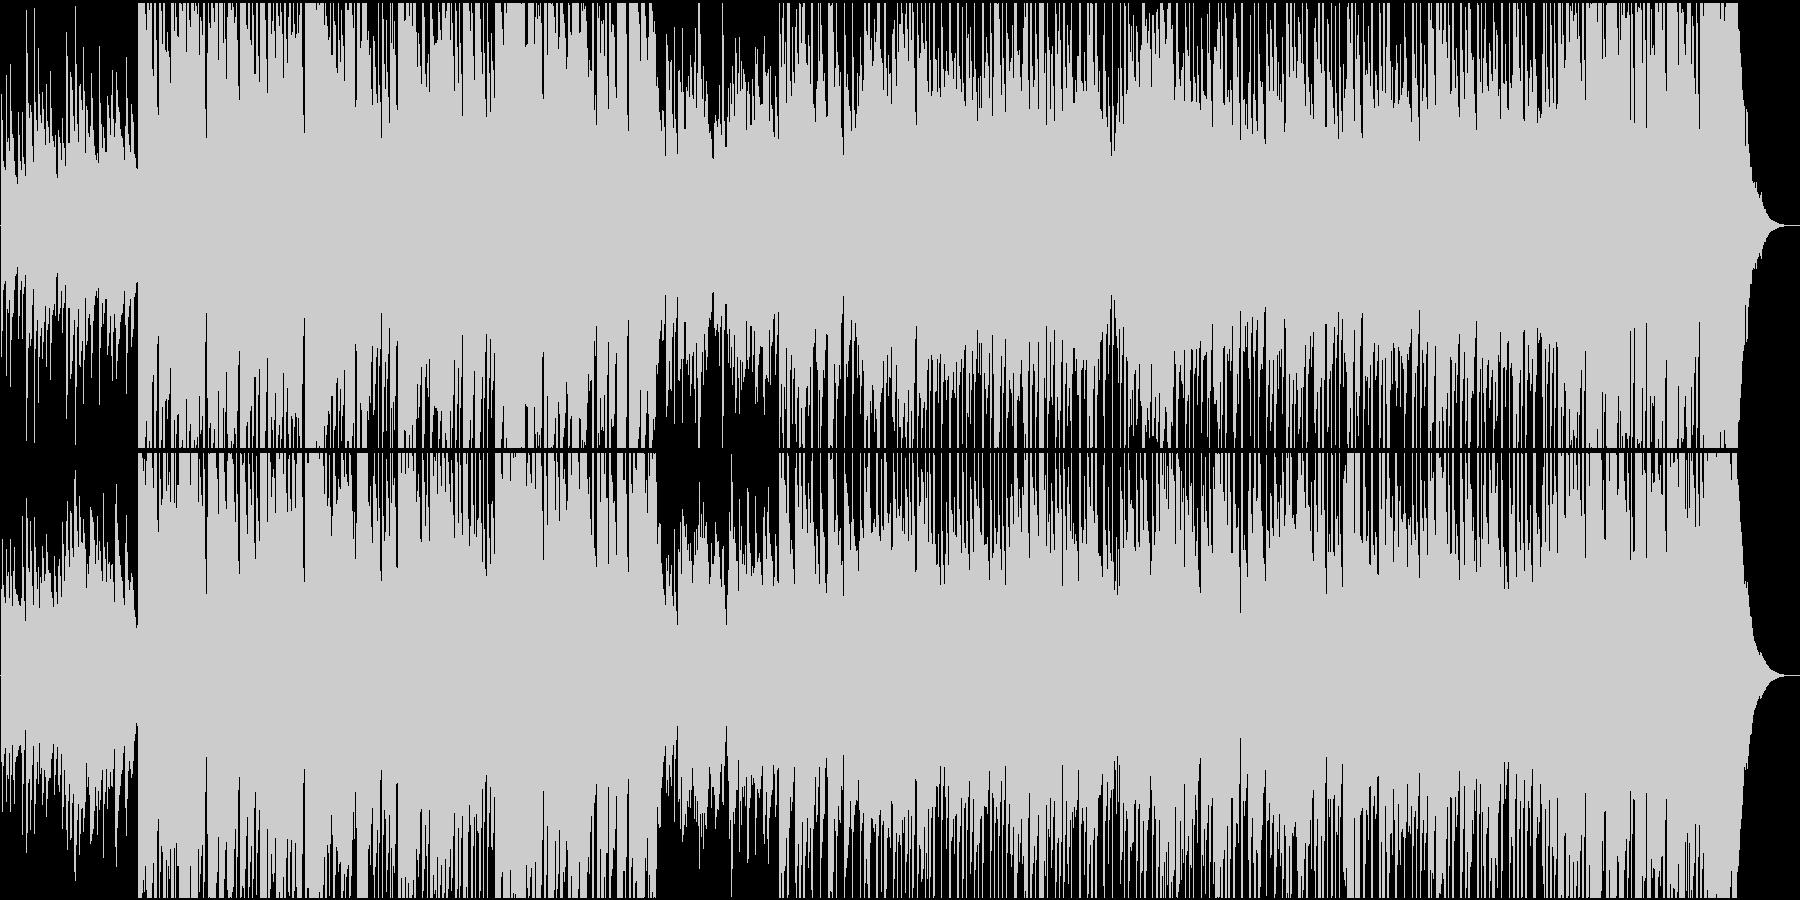 ギターと木琴のメロが楽しいフォークソングの未再生の波形